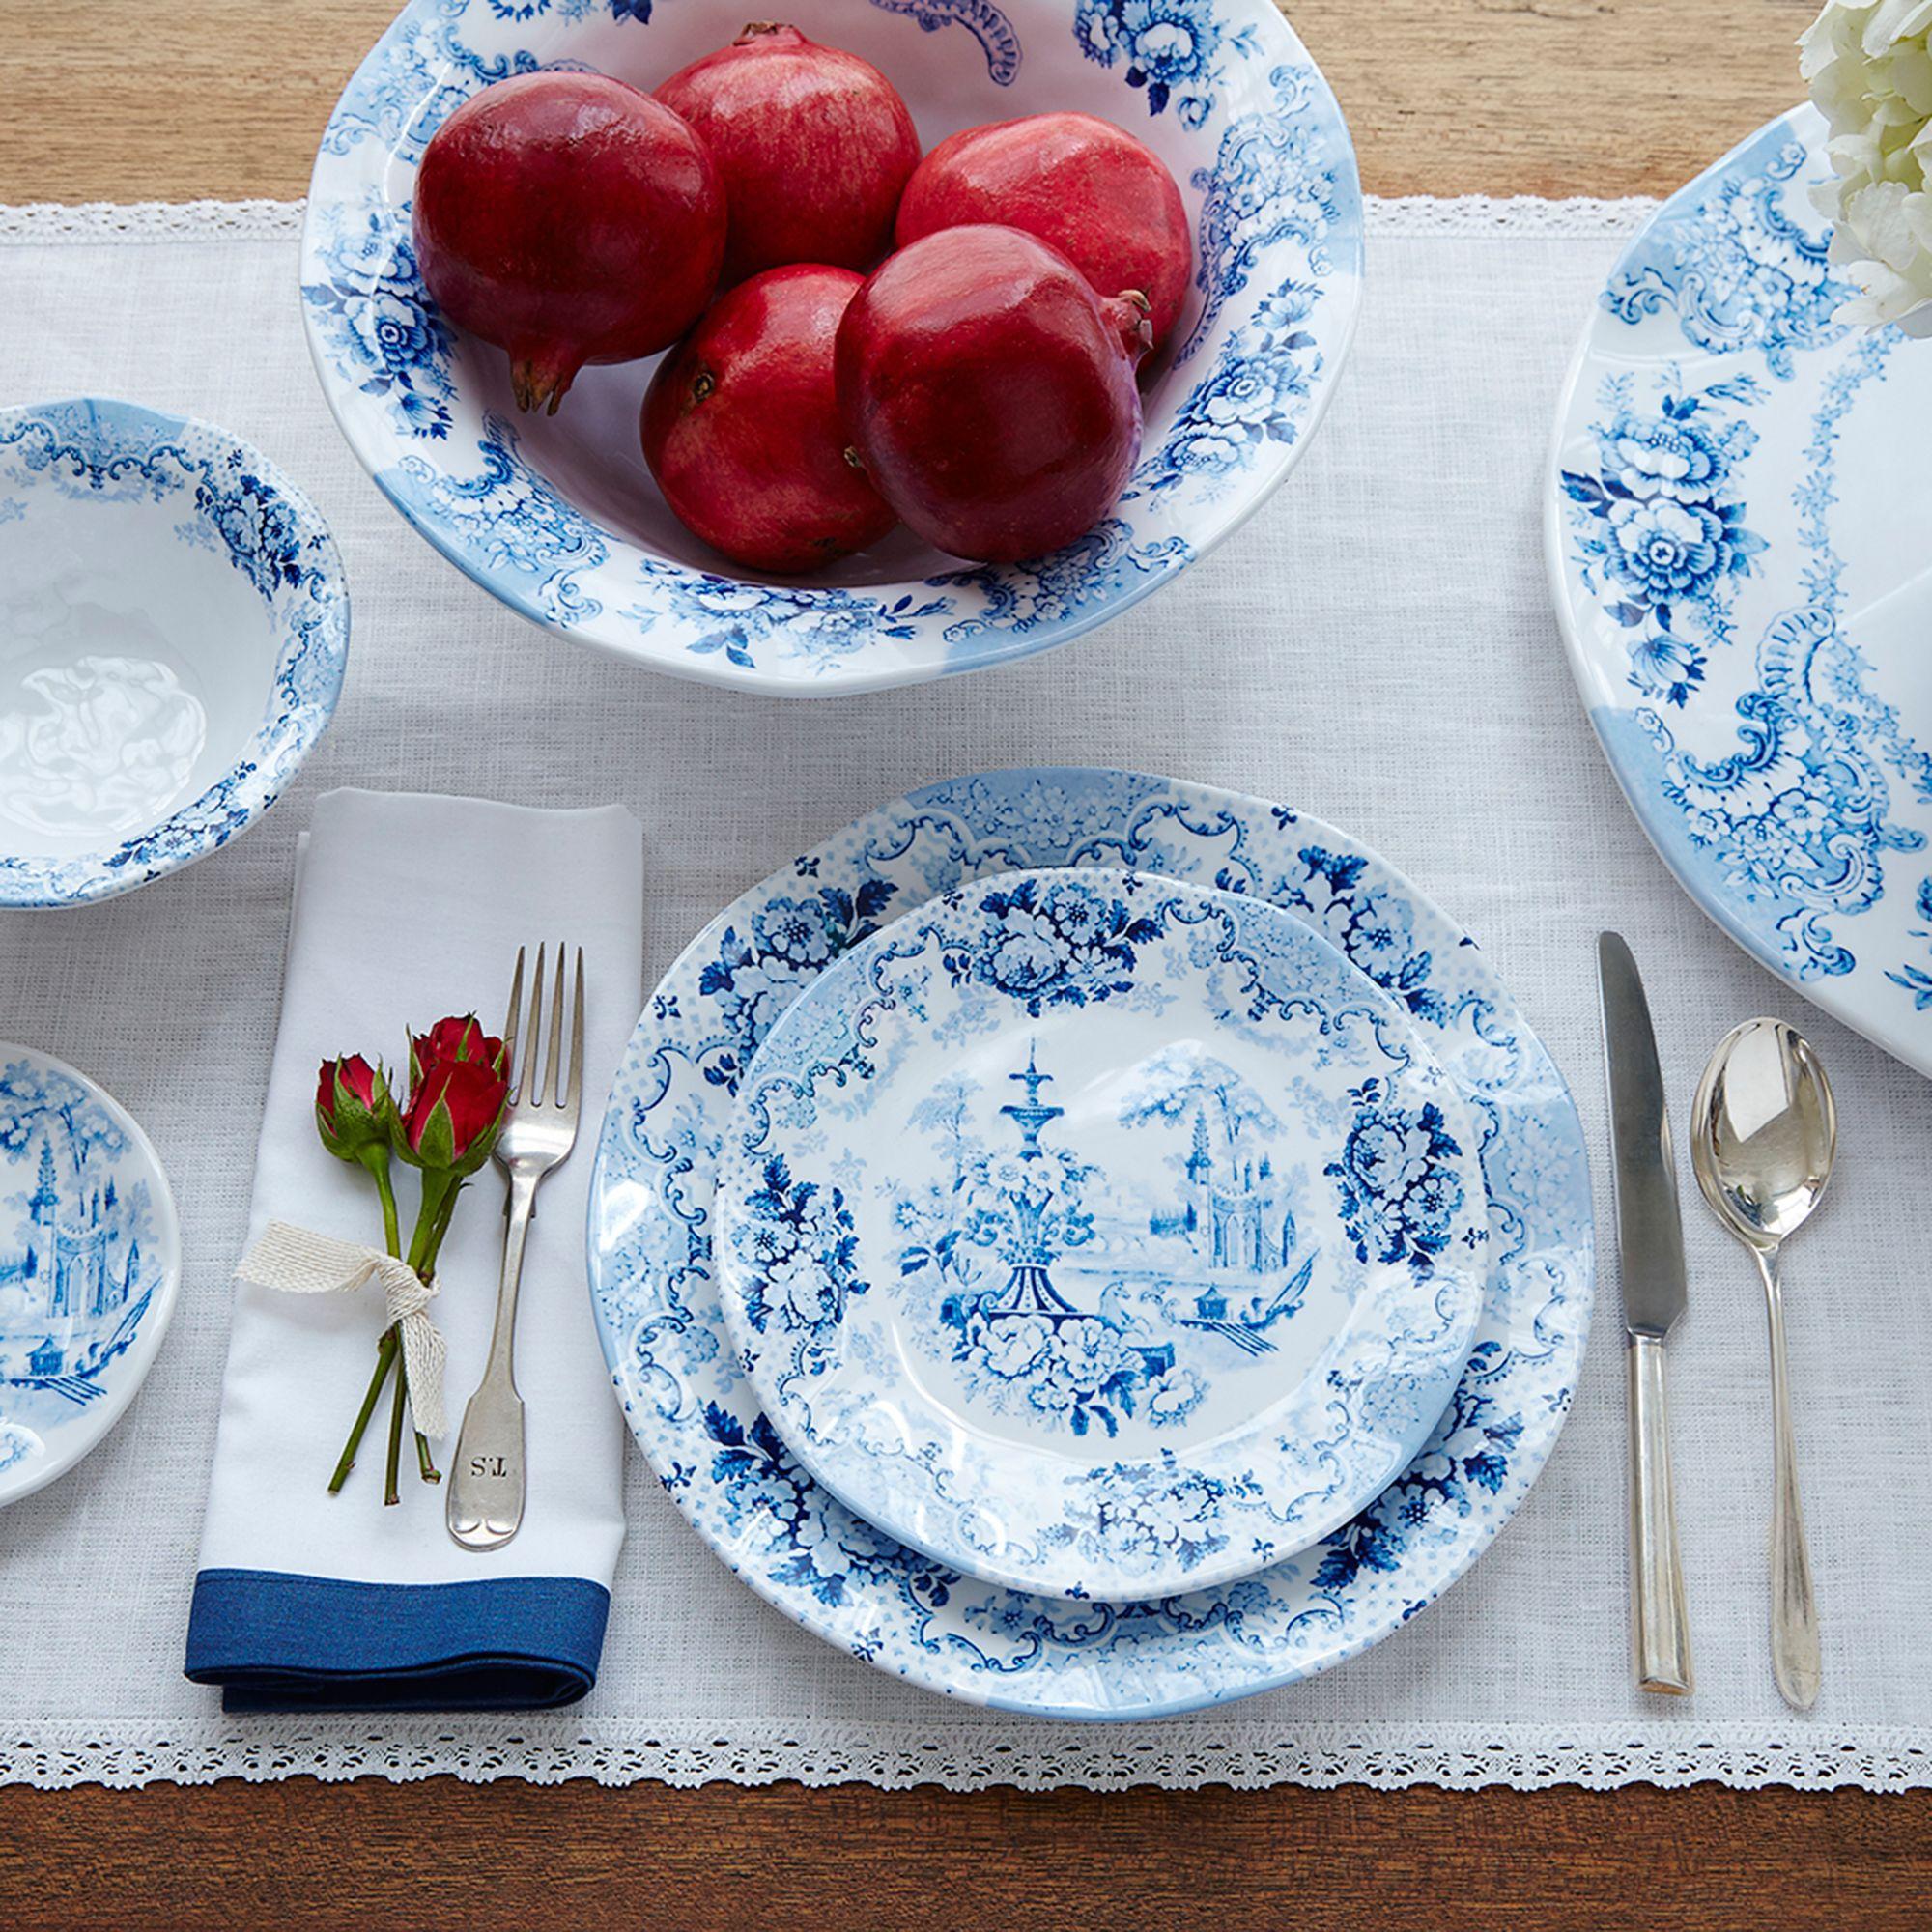 u0026quot;Cambridge Roseu0026quot; Cobalt Melamine Dinnerware   default & Cambridge Rose